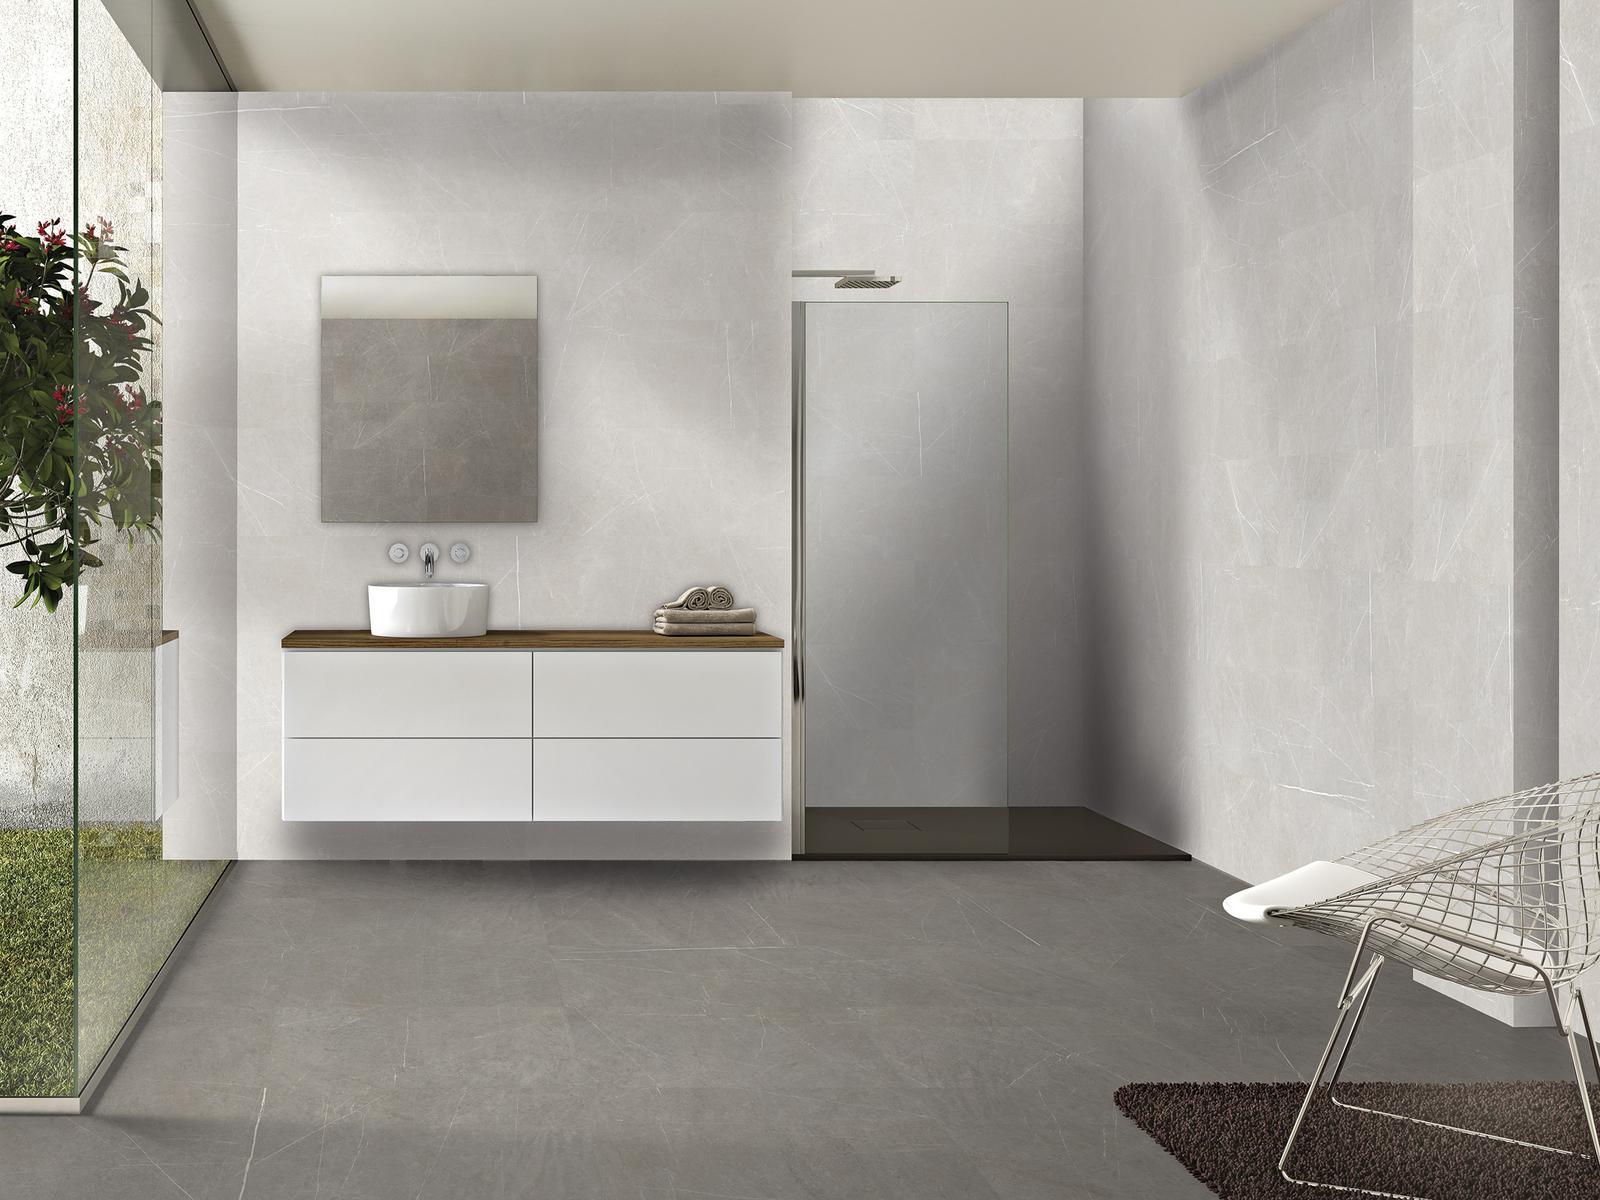 Luxusné kúpelne zo Španielska - moderná kúpeľňa Chester Grey 49,1x98,2, Chester Marfil 49,1x98,2